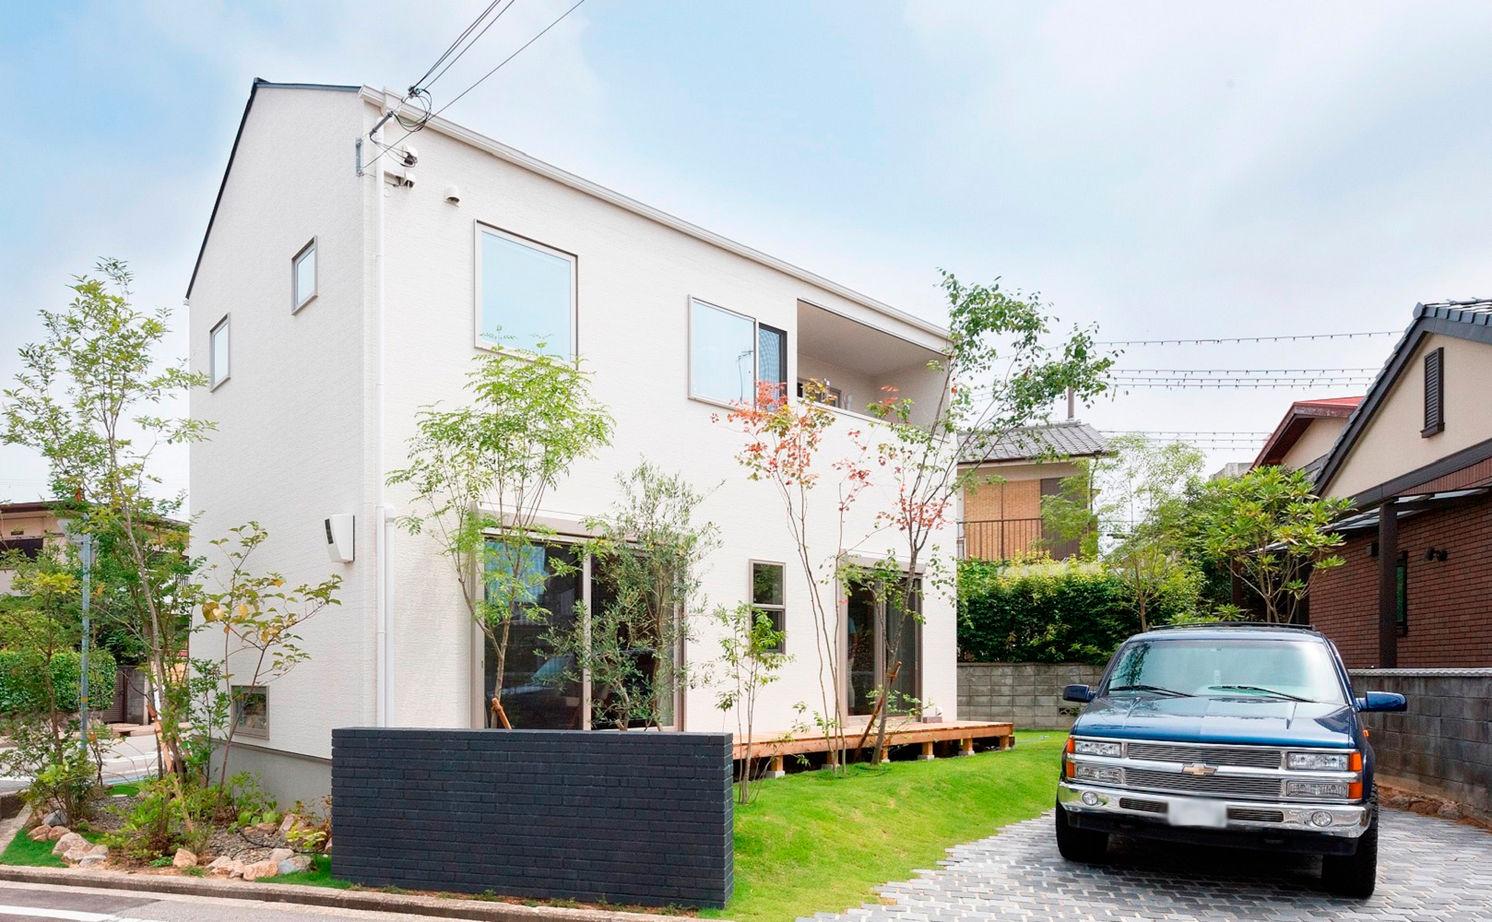 【間取り有/2000万円台前半】敷地に対して建物は斜めに設計。芝生や果樹を育て、森に佇む一軒家のように画像1